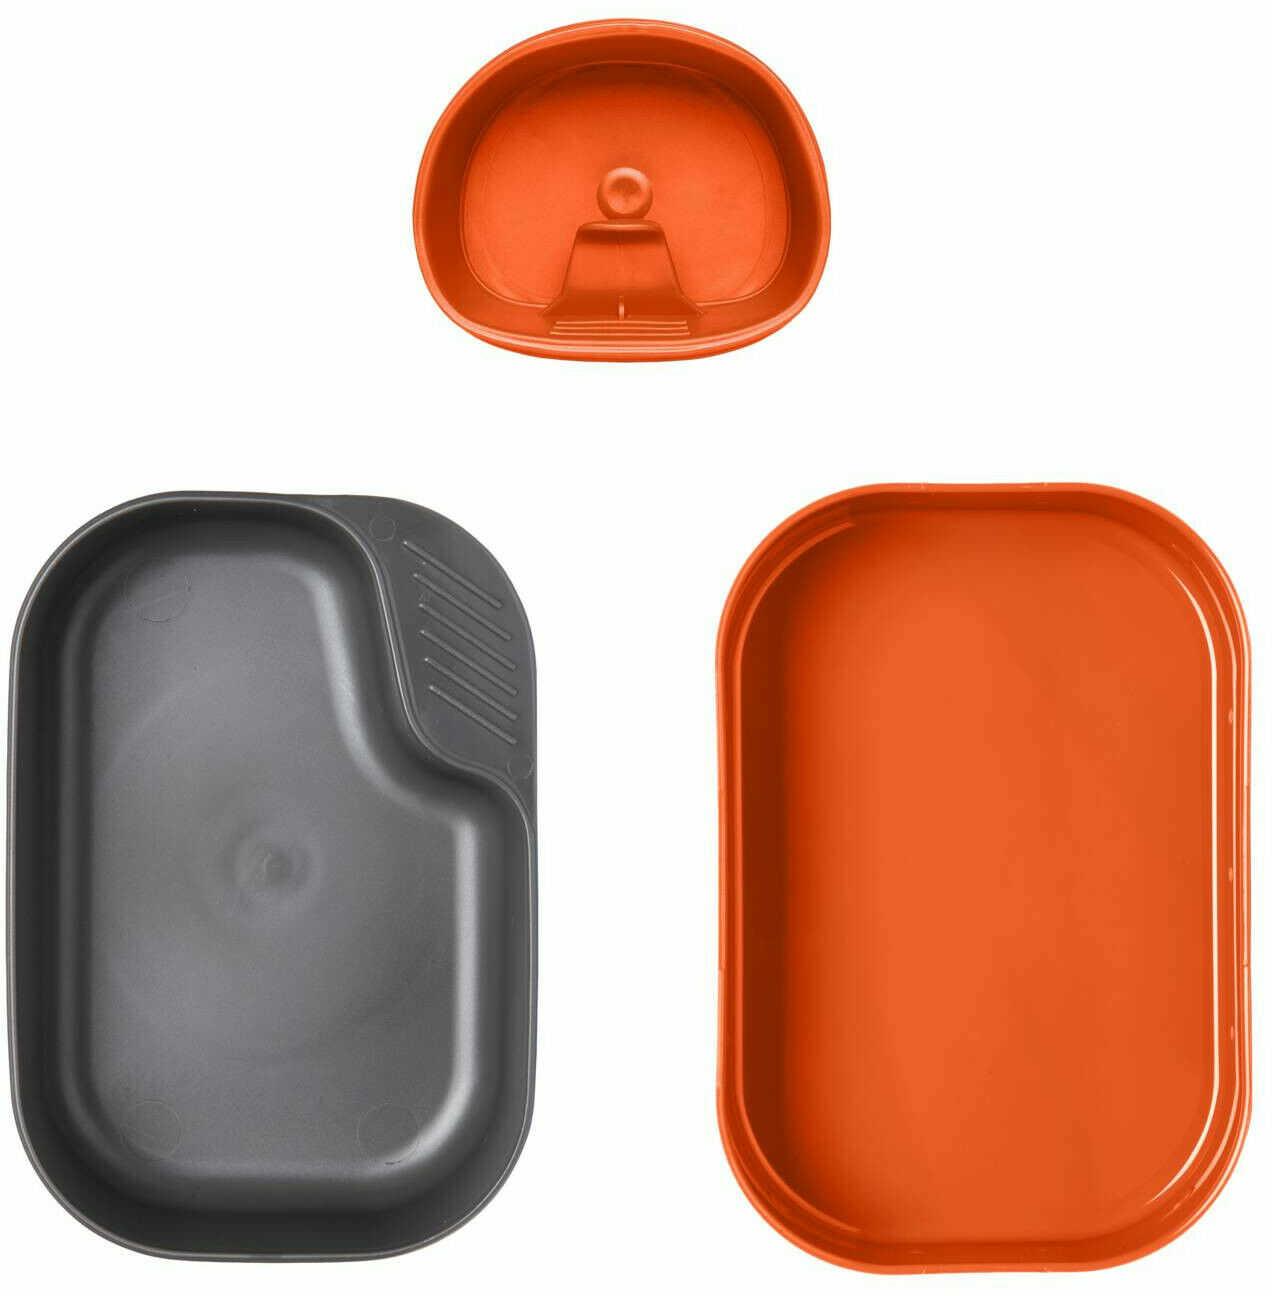 Zestaw turystyczny Wildo/Helikon Camp-A-Box orange/dark grey (SE-CAS-PP-2419A) H